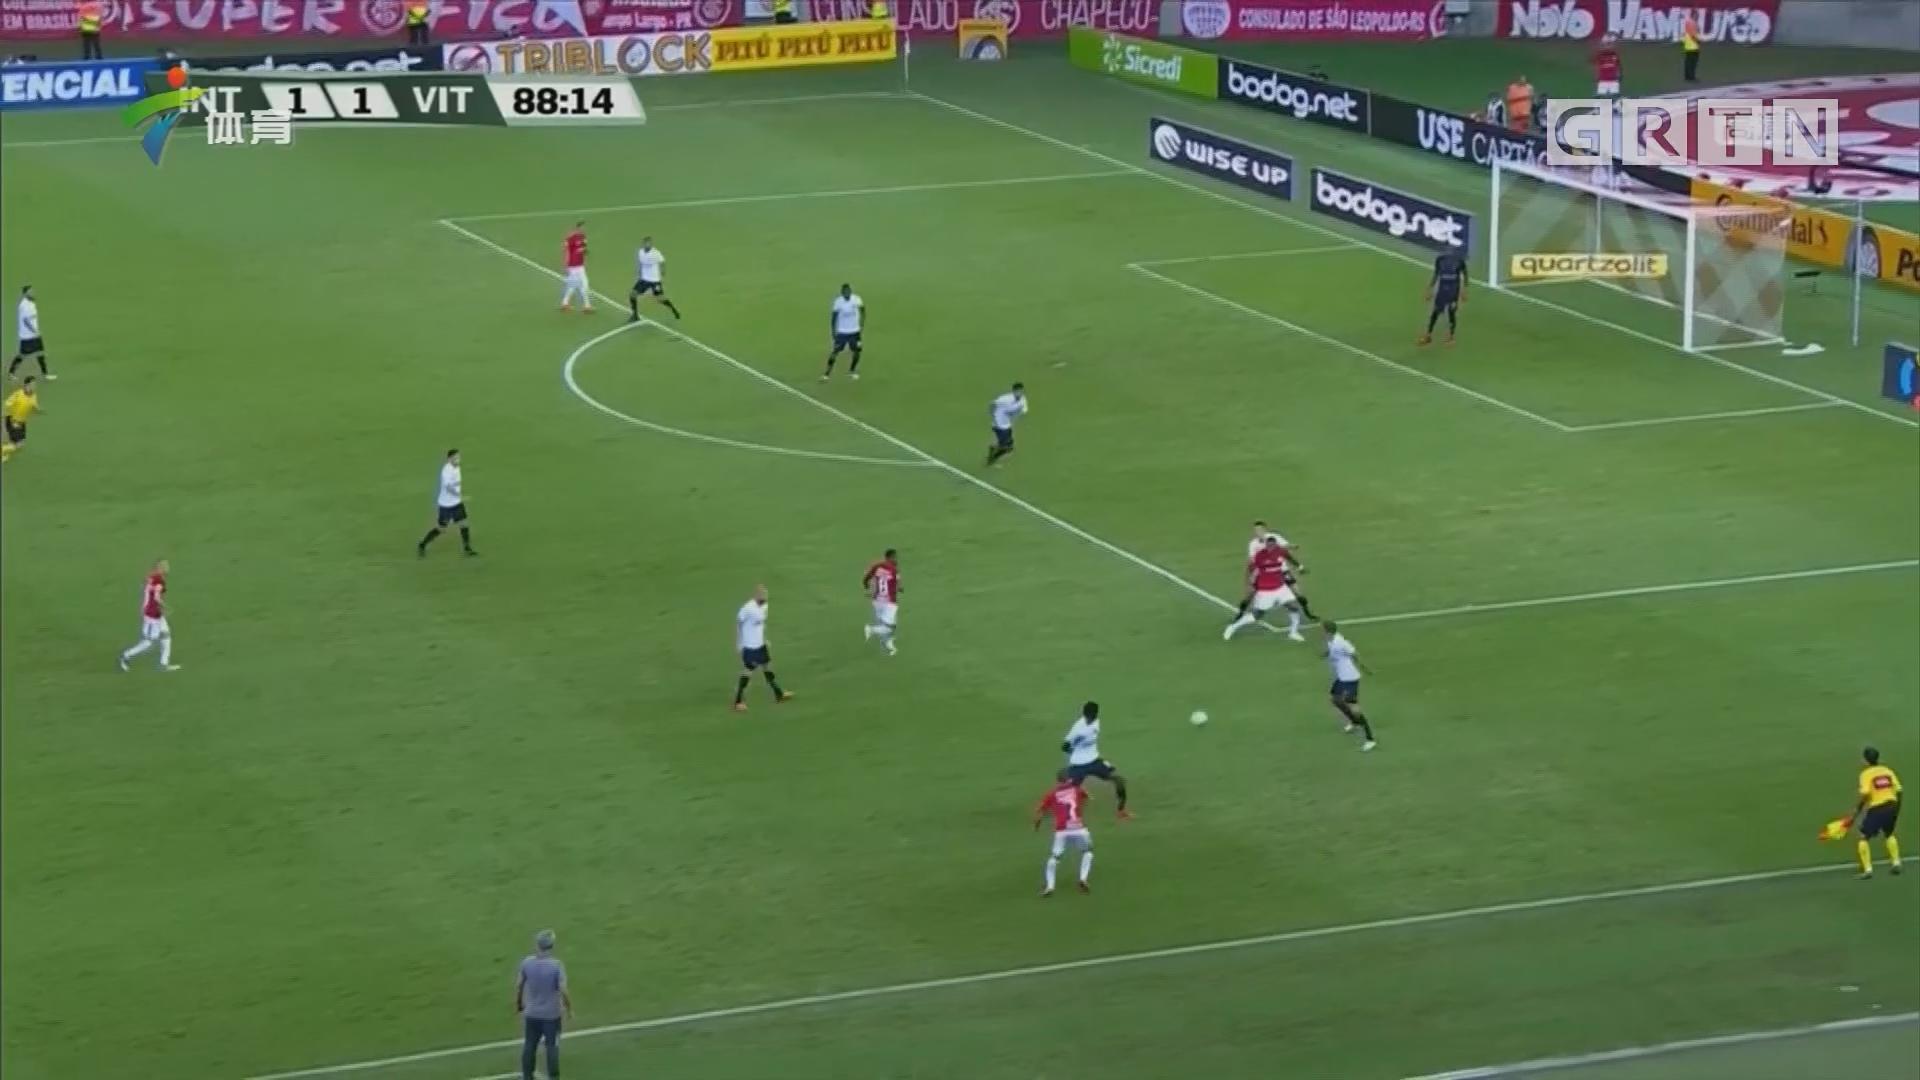 巴西杯第四轮首回合 巴西国际占先机